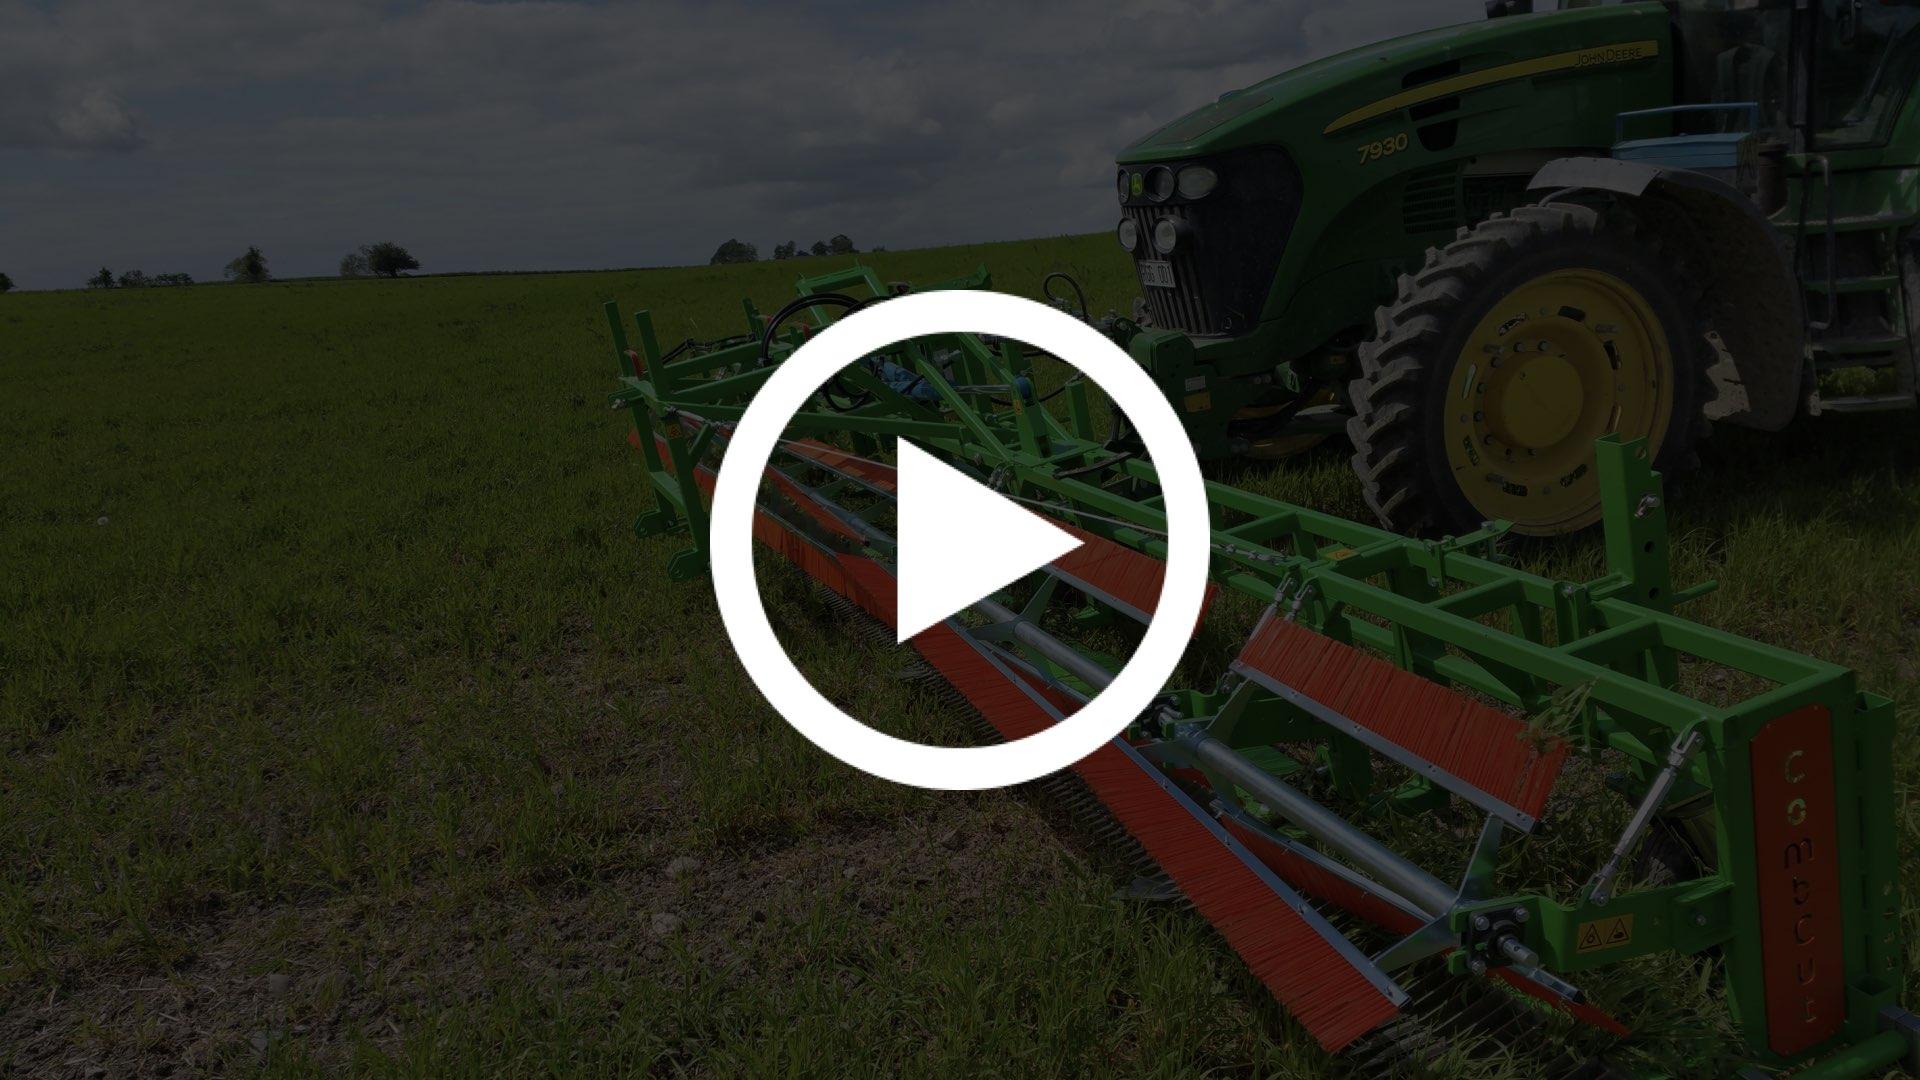 Vidéo - Vidéos avec instructions, tests et démonstrations de CombCut.